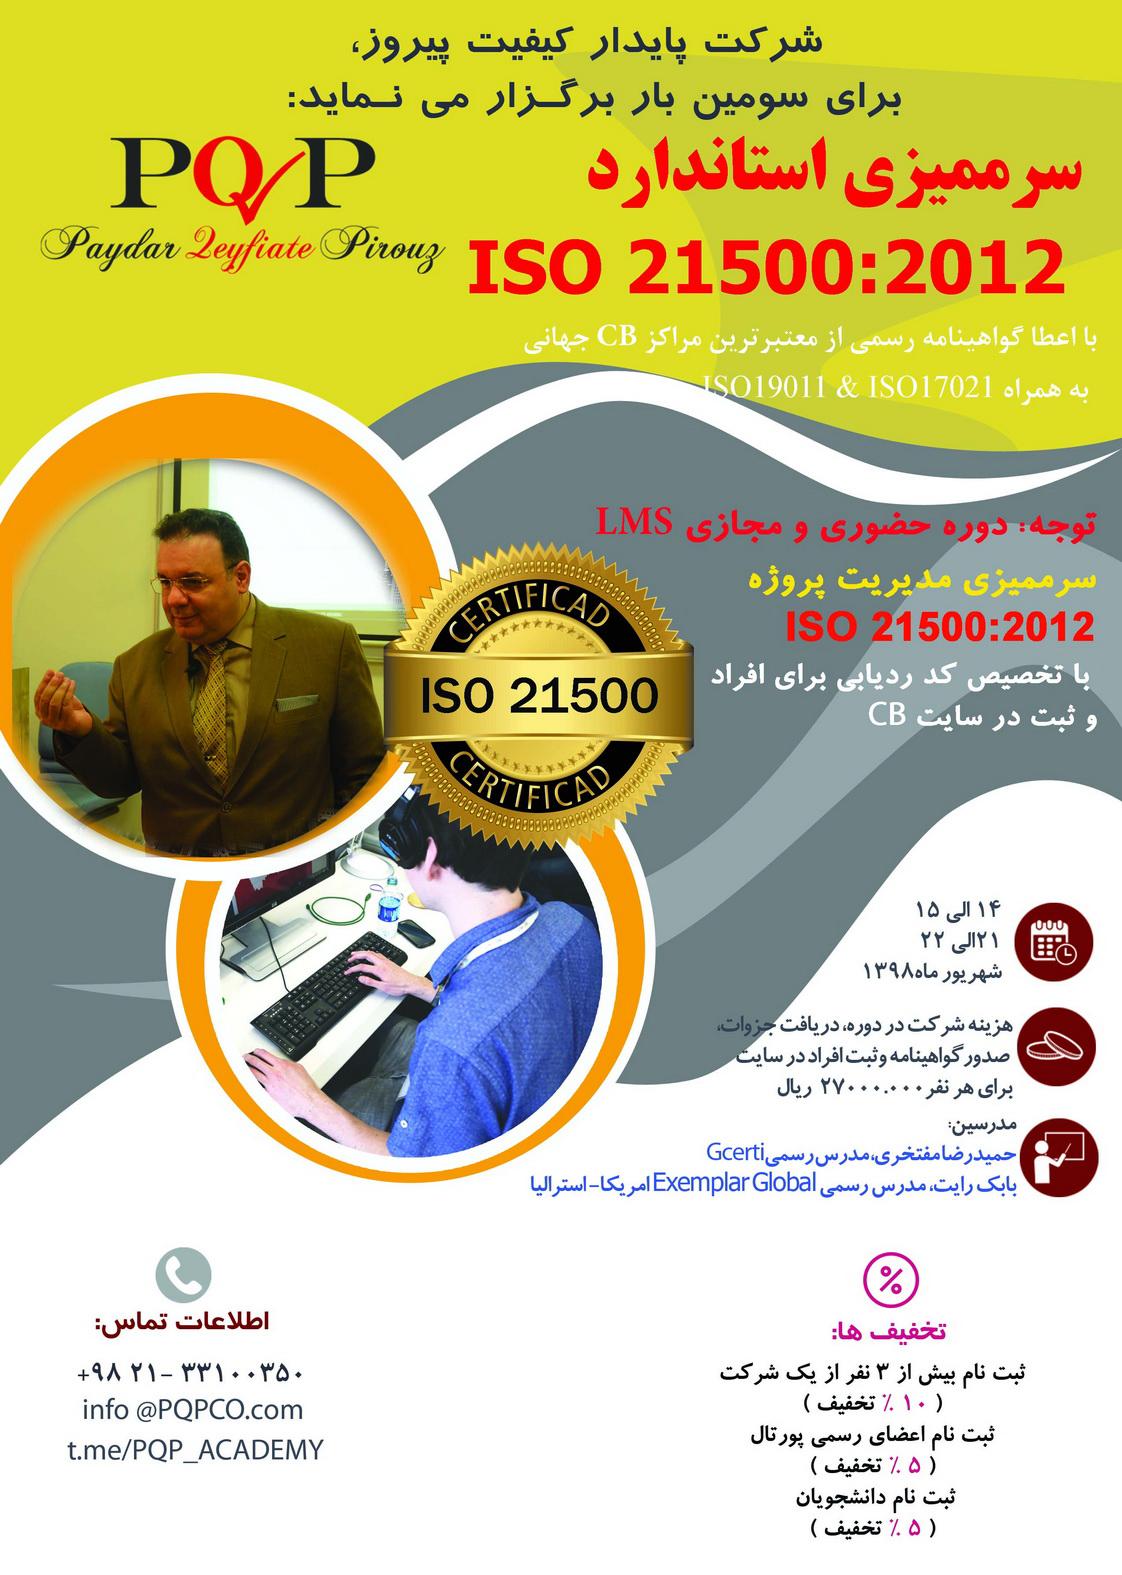 برگزاری سومین دوره سرممیزی استاندارد بین المللی مدیریت پروژه  ISO 21500:2012